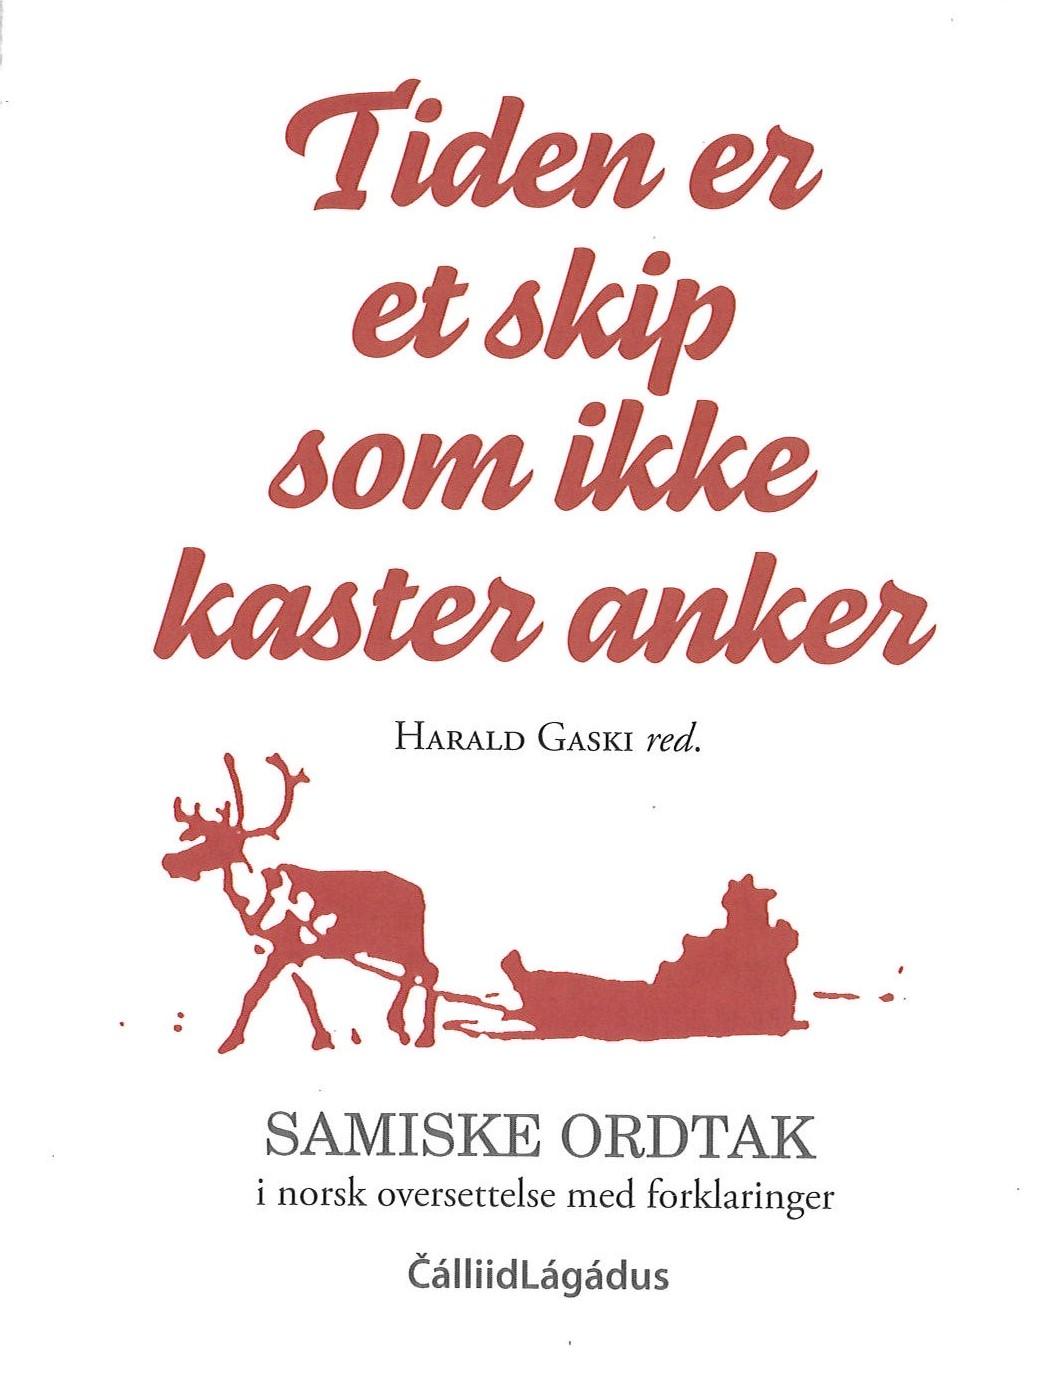 Debatten raser om nordmenns norskkunnskaper: Hvor god er du i norsk? Her er fasiten!